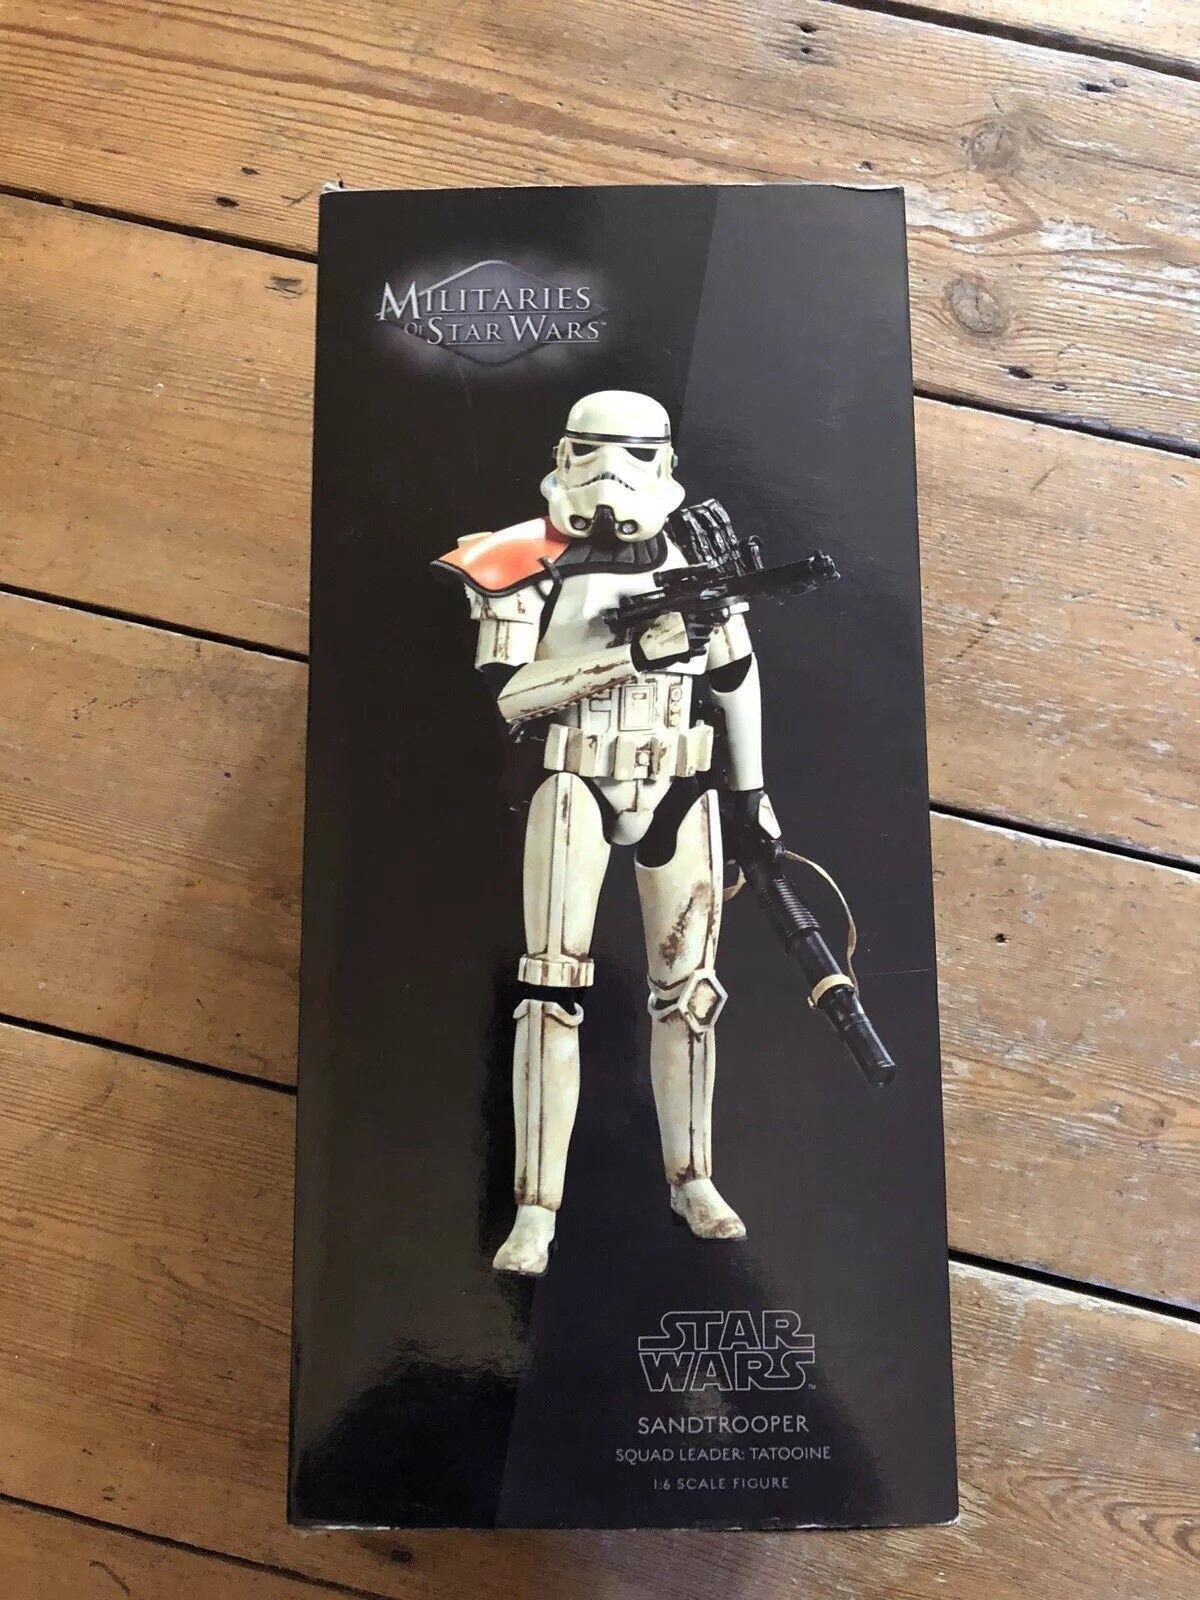 Sideshow Star Wars Wars Wars Militaries Of Star Wars Sandtrooper  Squad Leader Tattoo 1100 a818d4